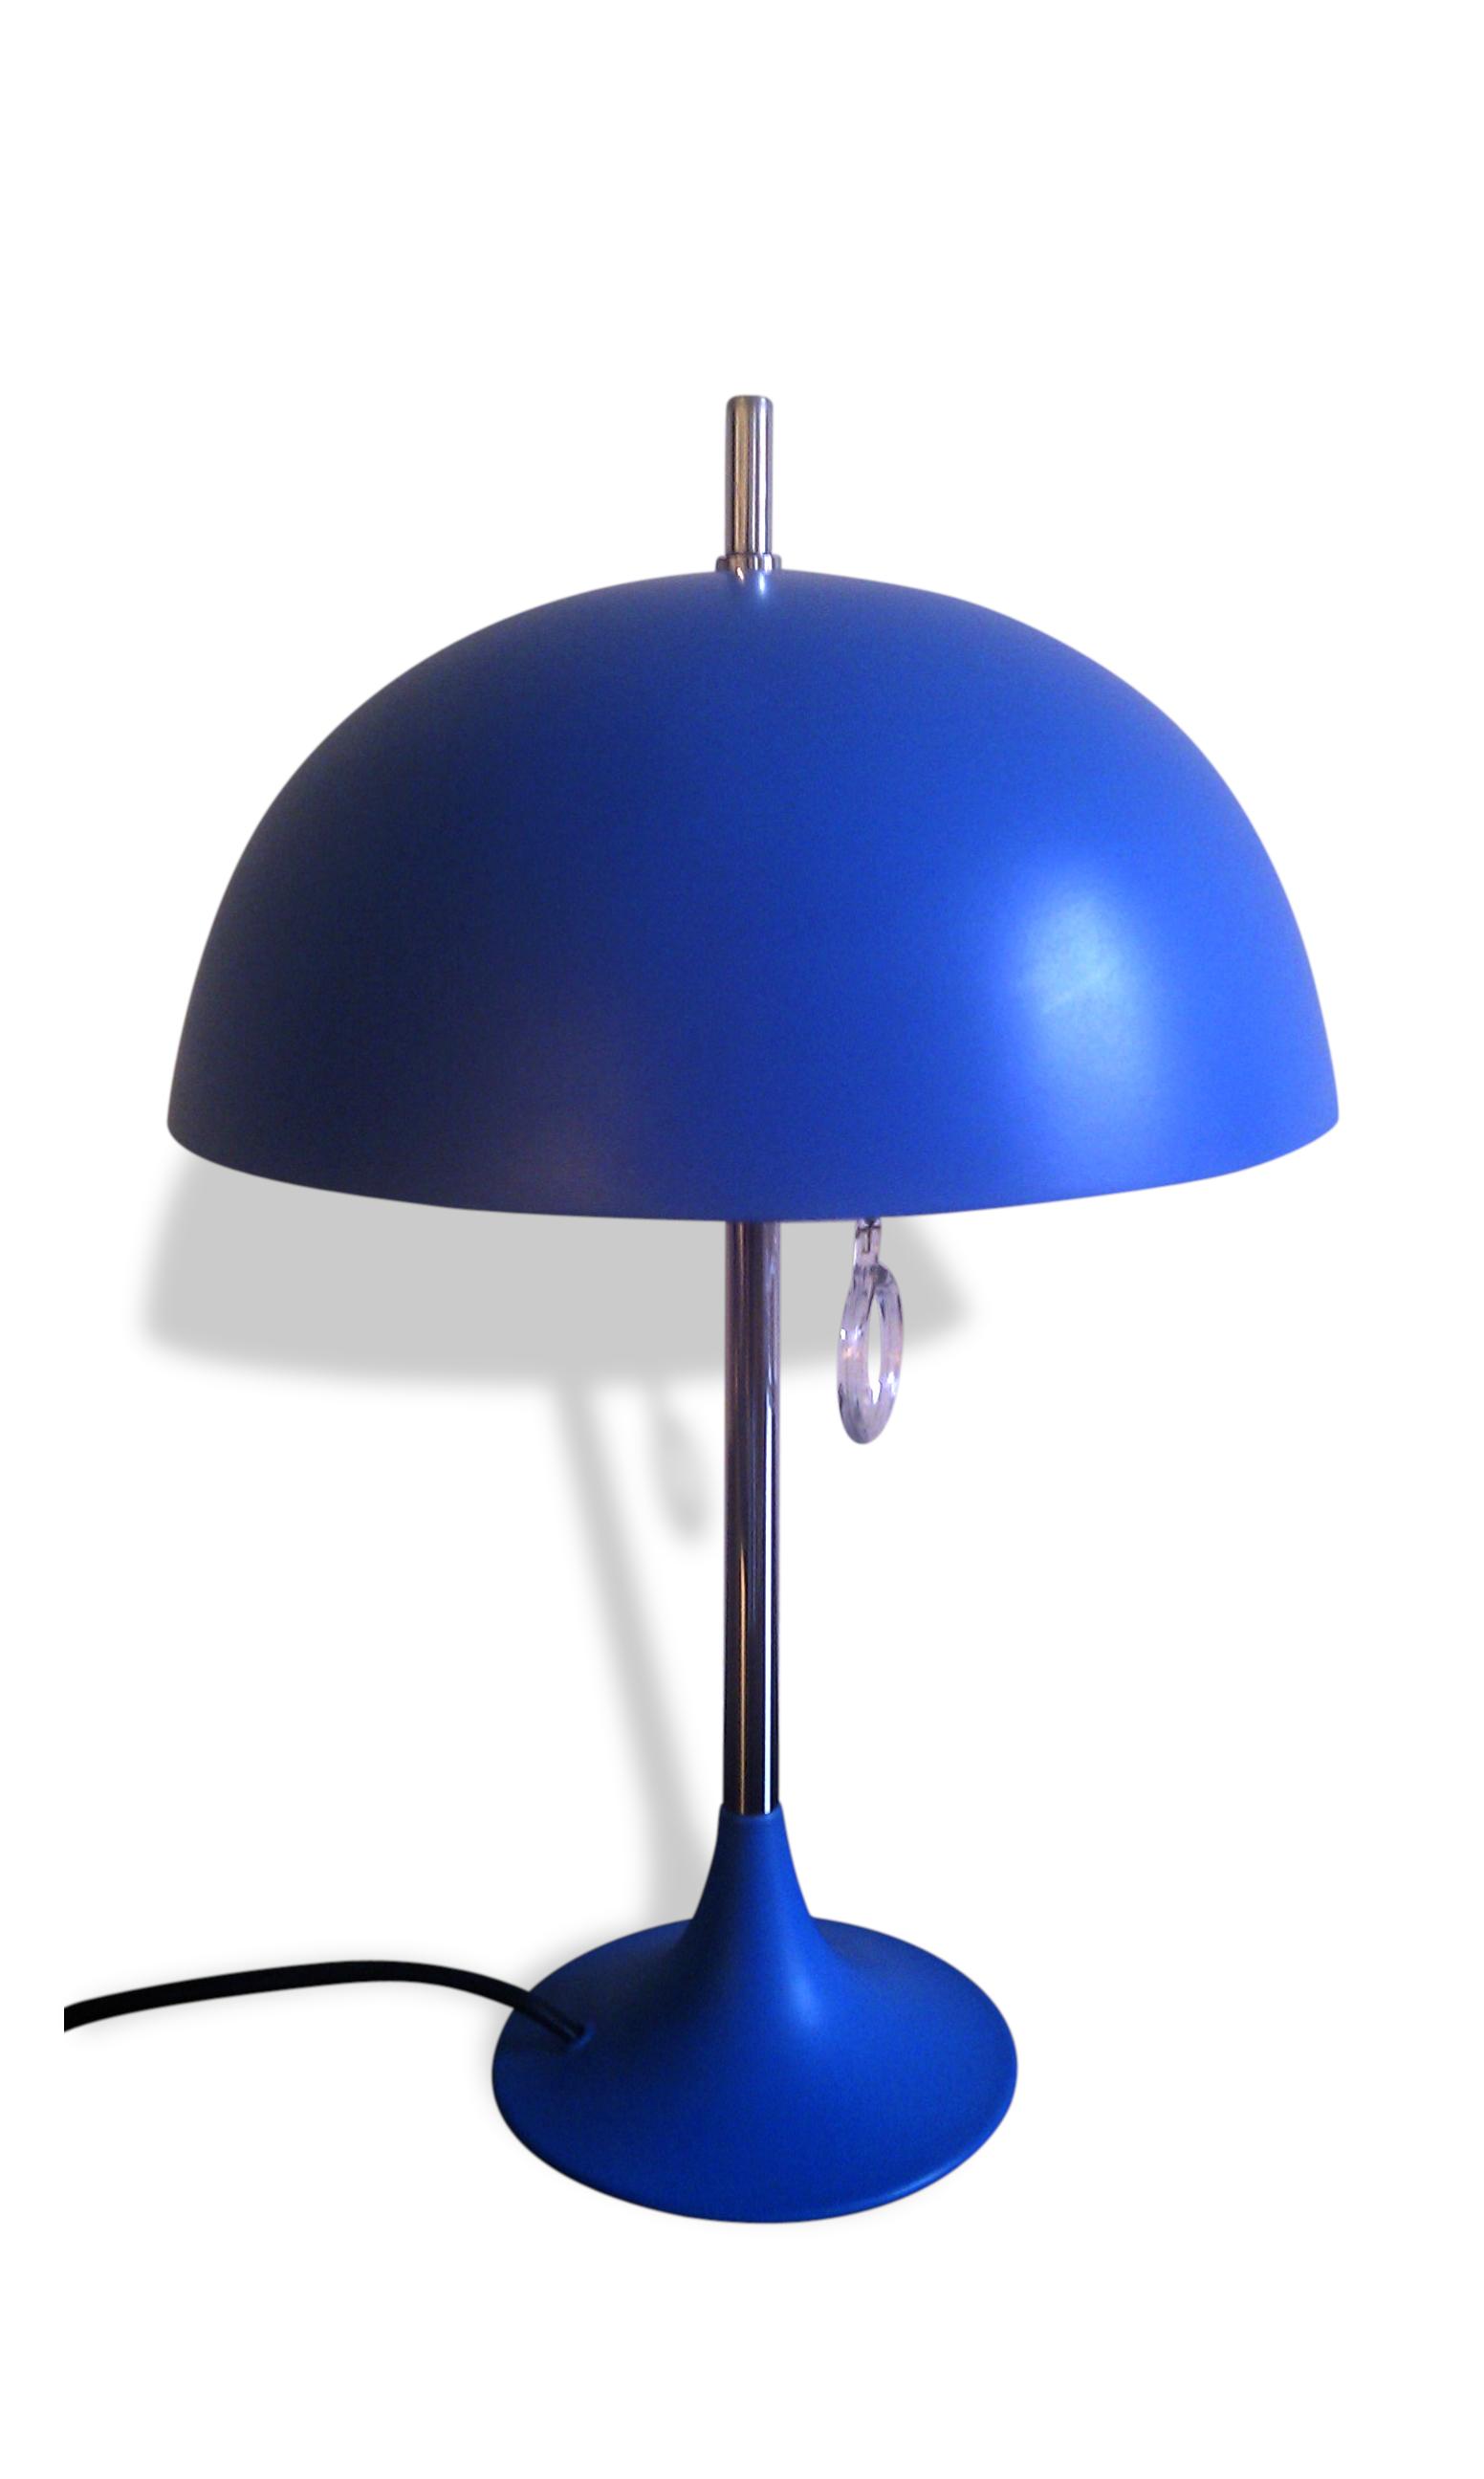 """Lampe """"Champignon""""Années 60' - Métal - Bleu - Vintage - 38995"""